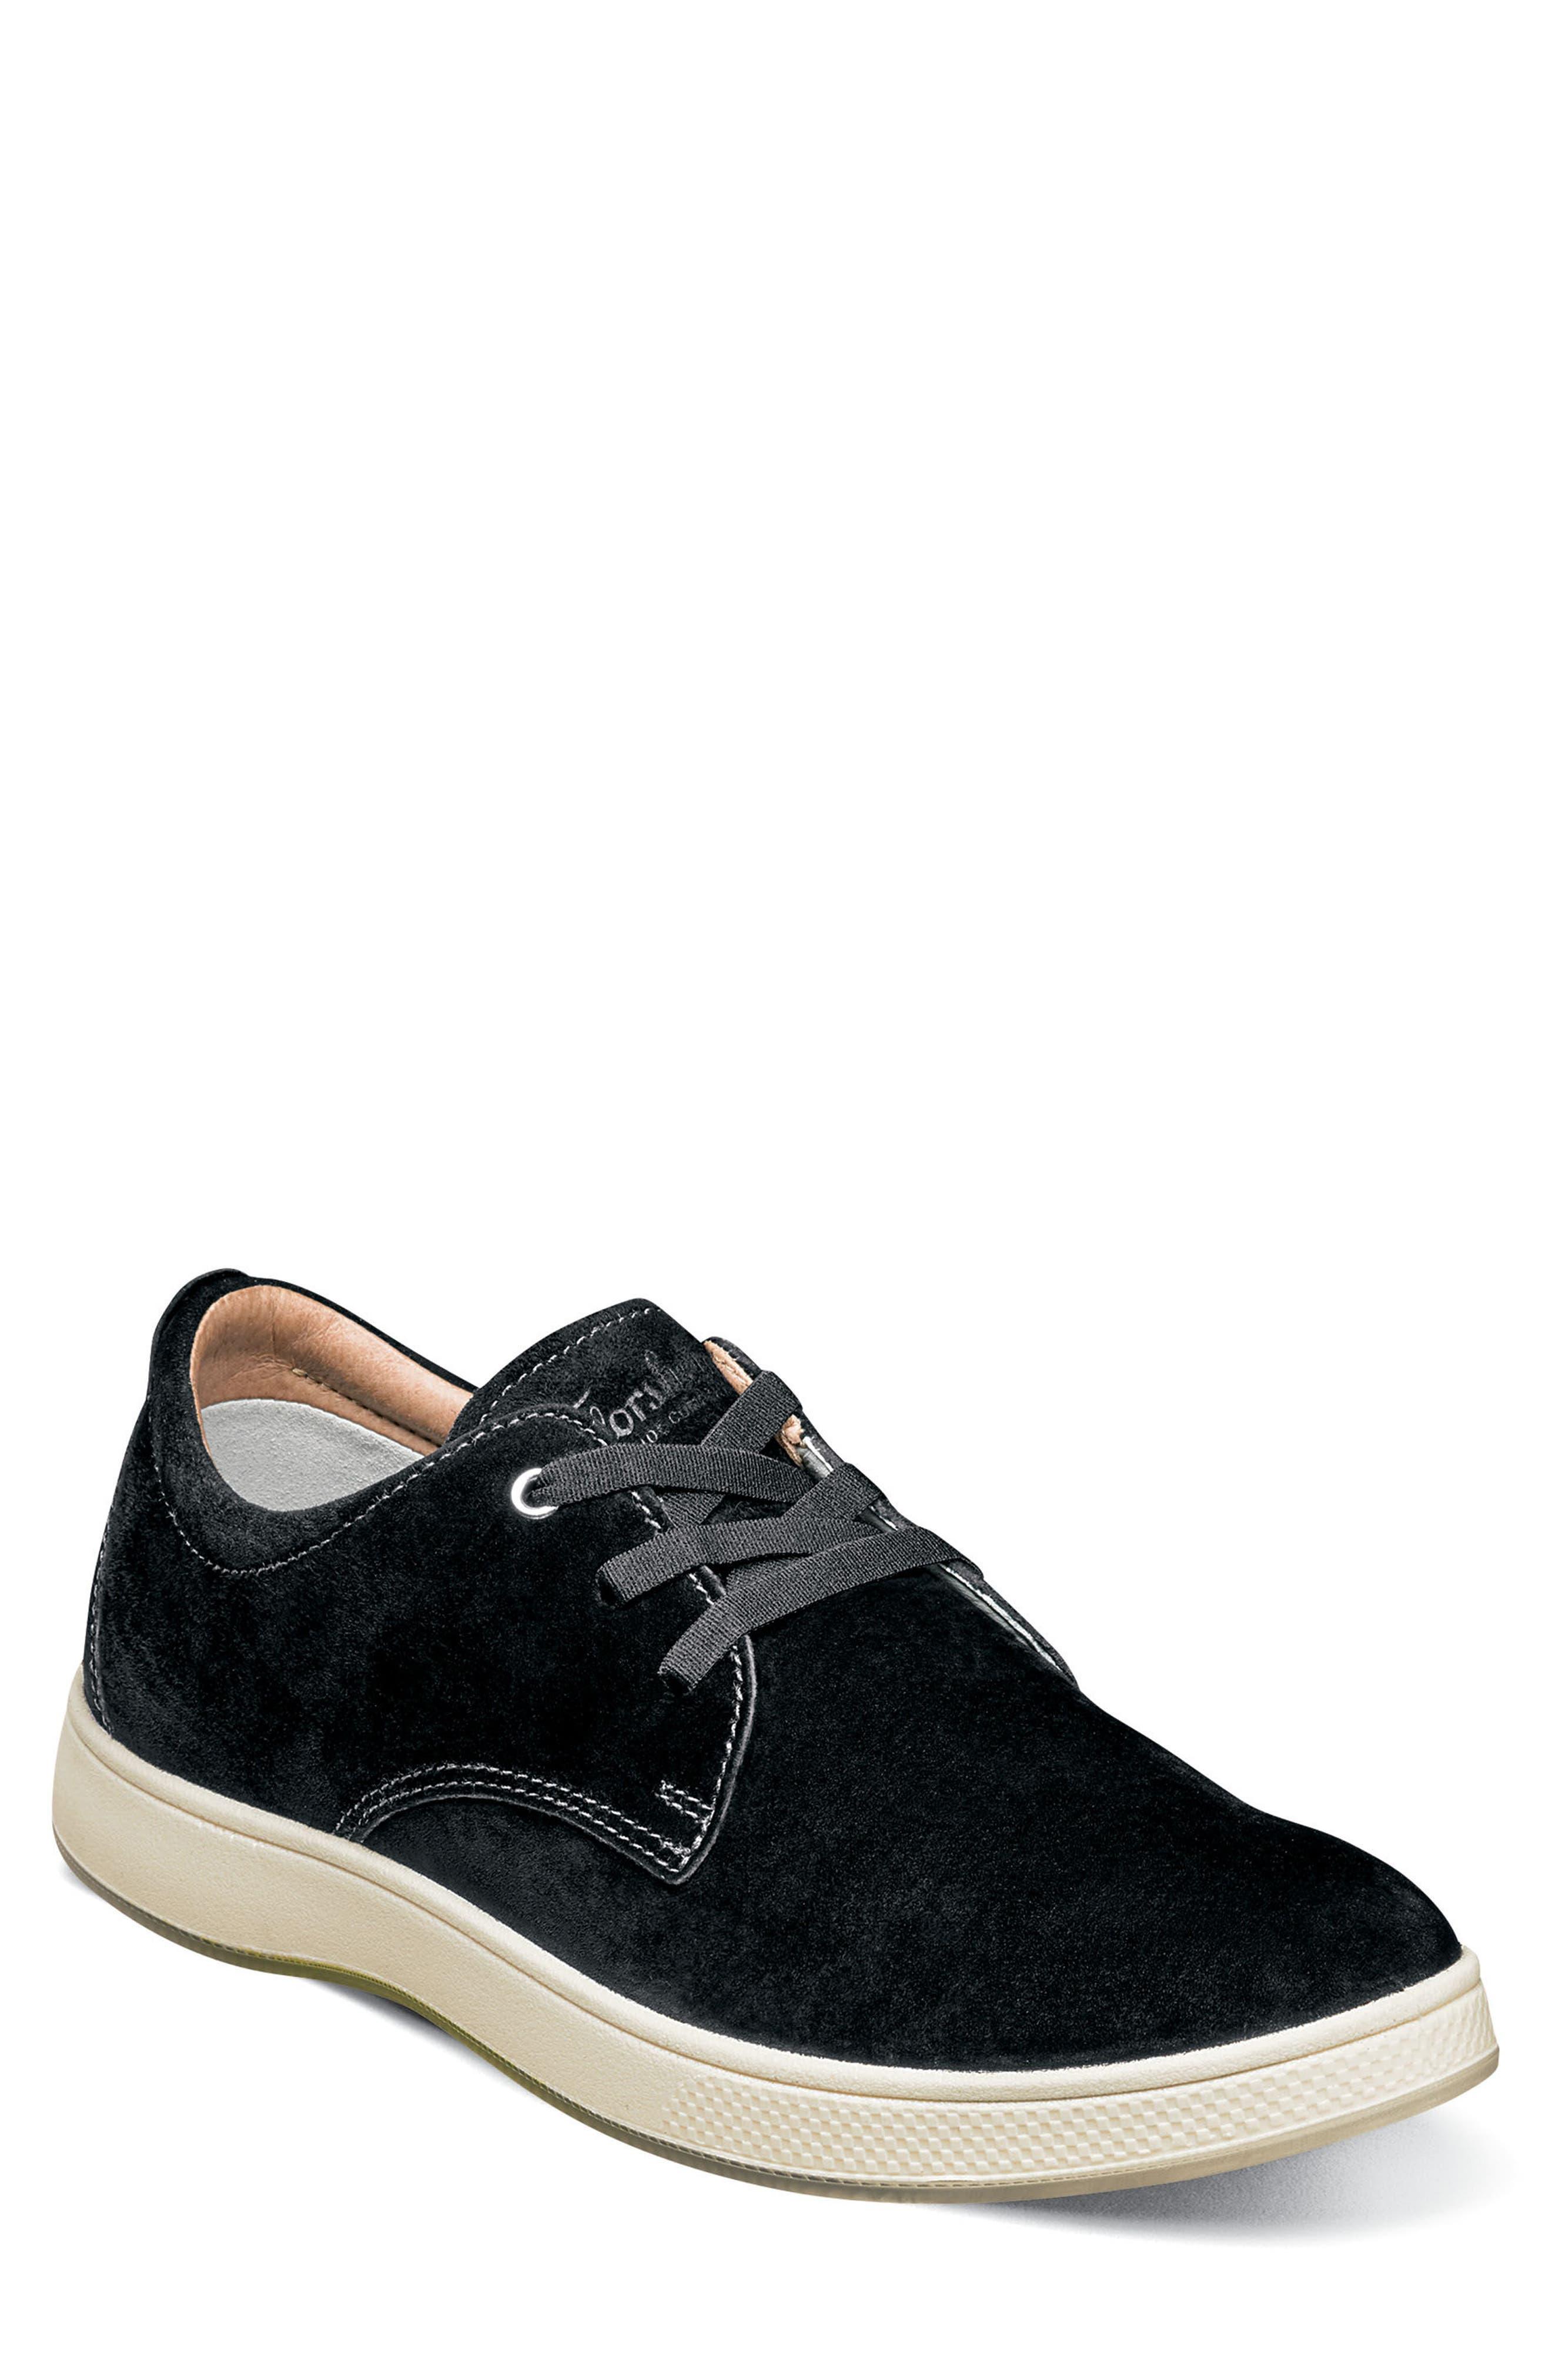 Edge 3 Eye Sneaker,                             Main thumbnail 1, color,